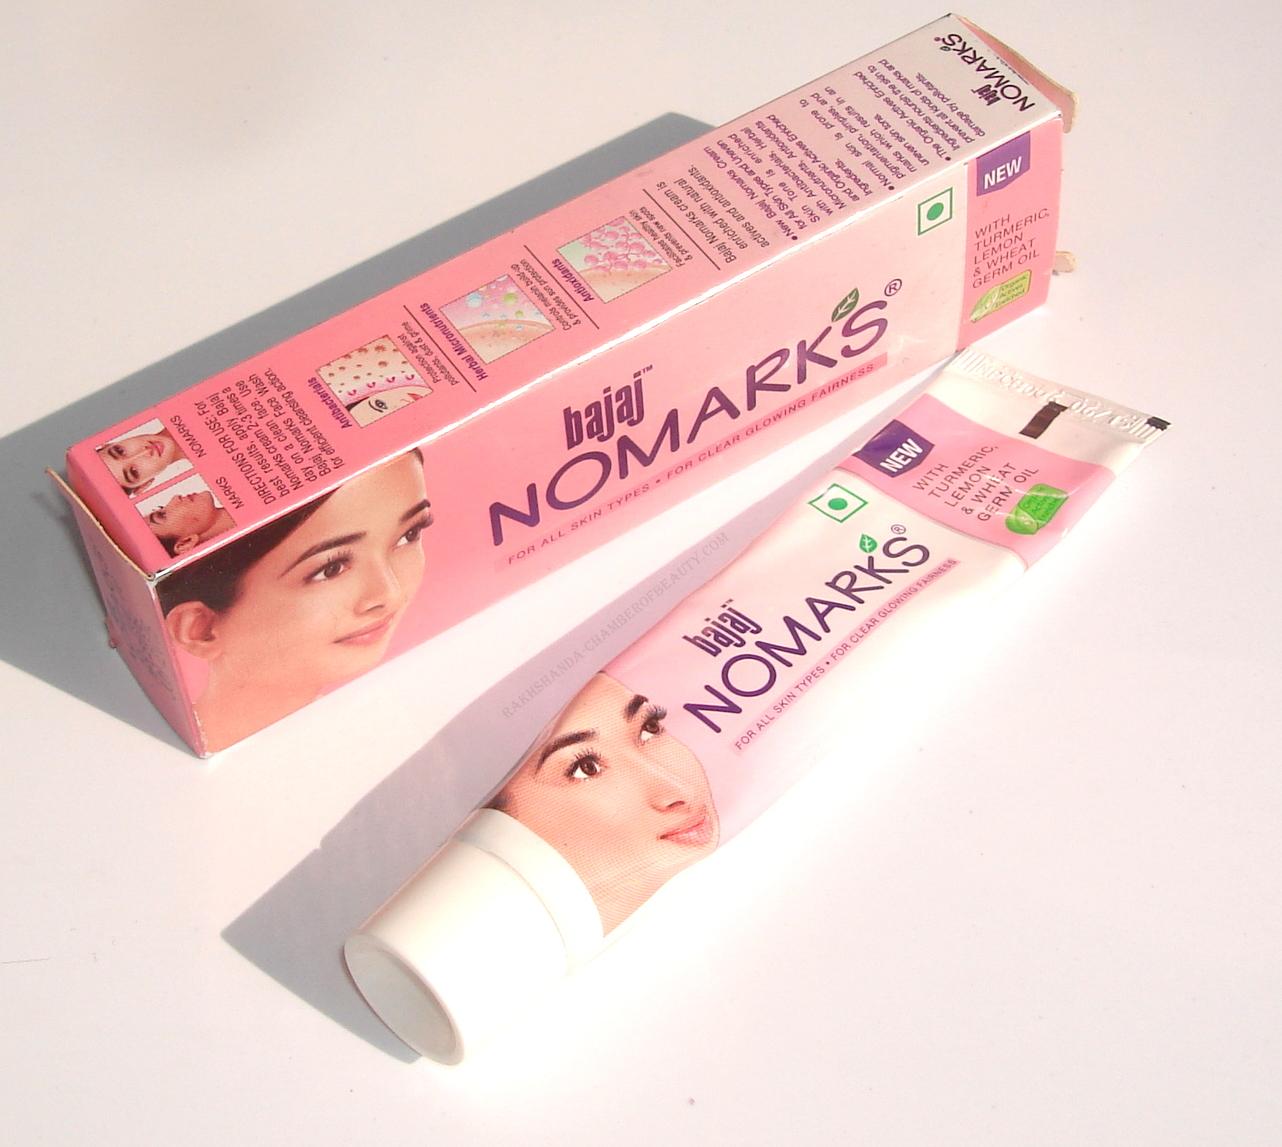 Bajaj Nomarks Cream for All Skin Types Review, Price & Details/www.rakhshanda-chamberofbeauty.com/skincare